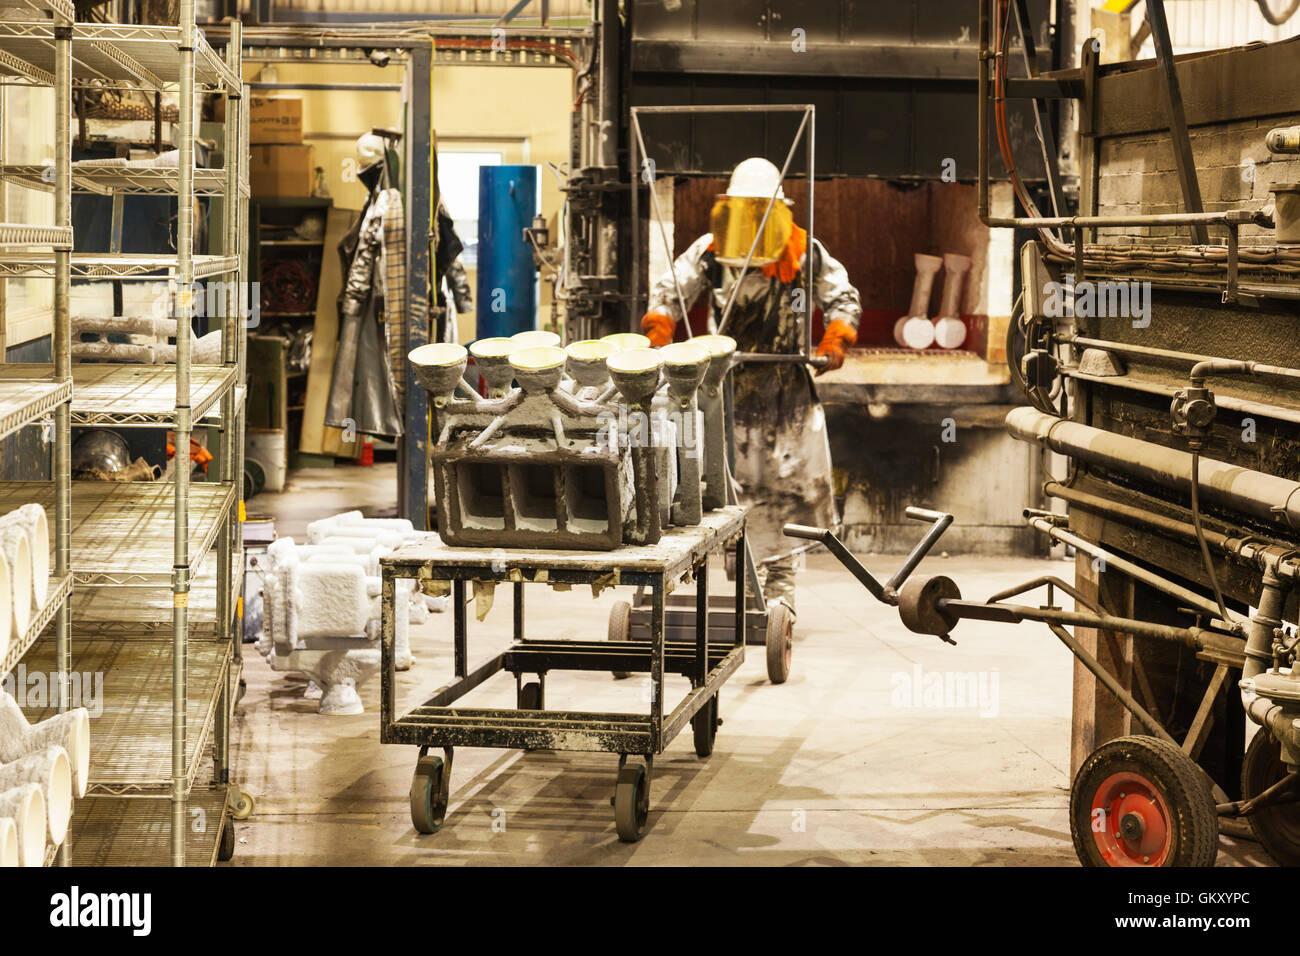 Operai in sicurezza di taglio usura, la rettifica di parti metalliche per ulteriore elaborazione la fabbricazione Immagini Stock